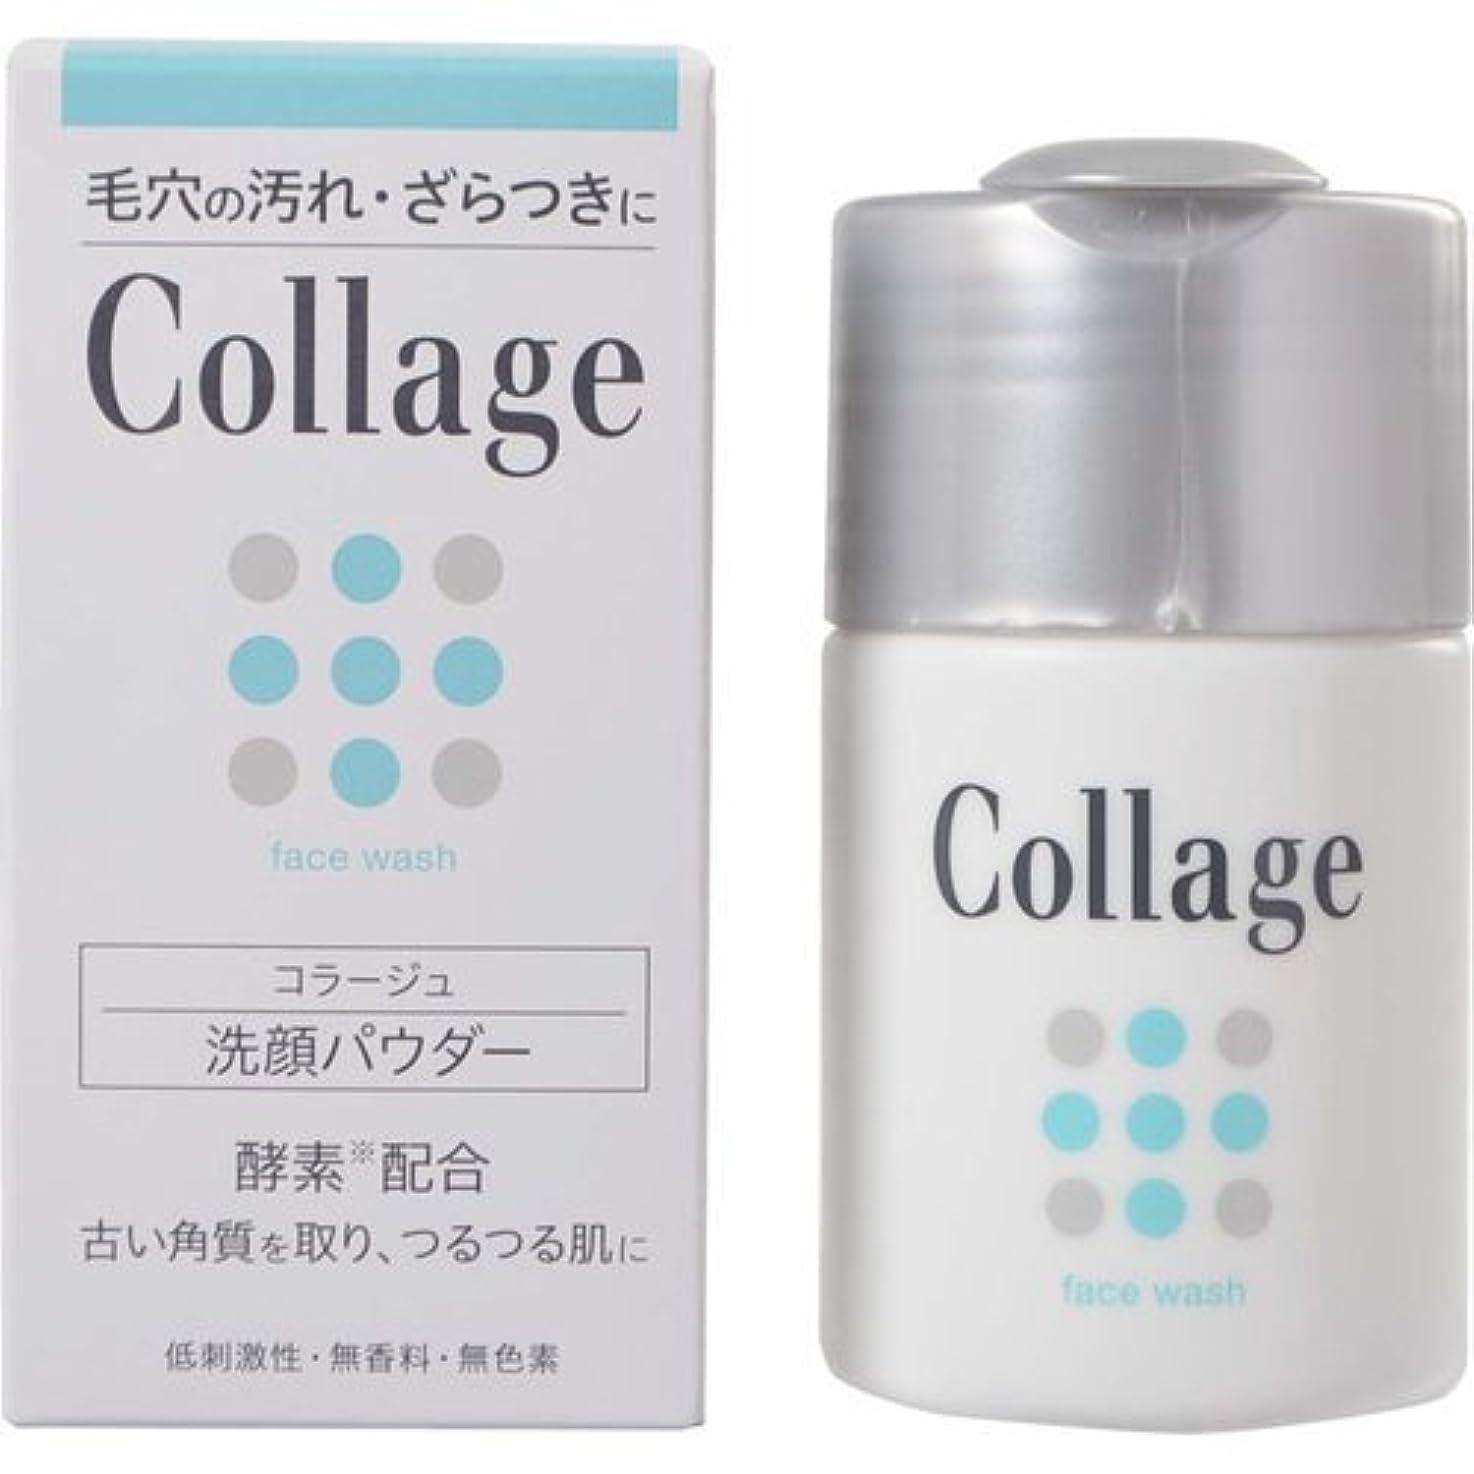 定説拮抗する十分ですコラージュ 洗顔パウダー 40g×6個